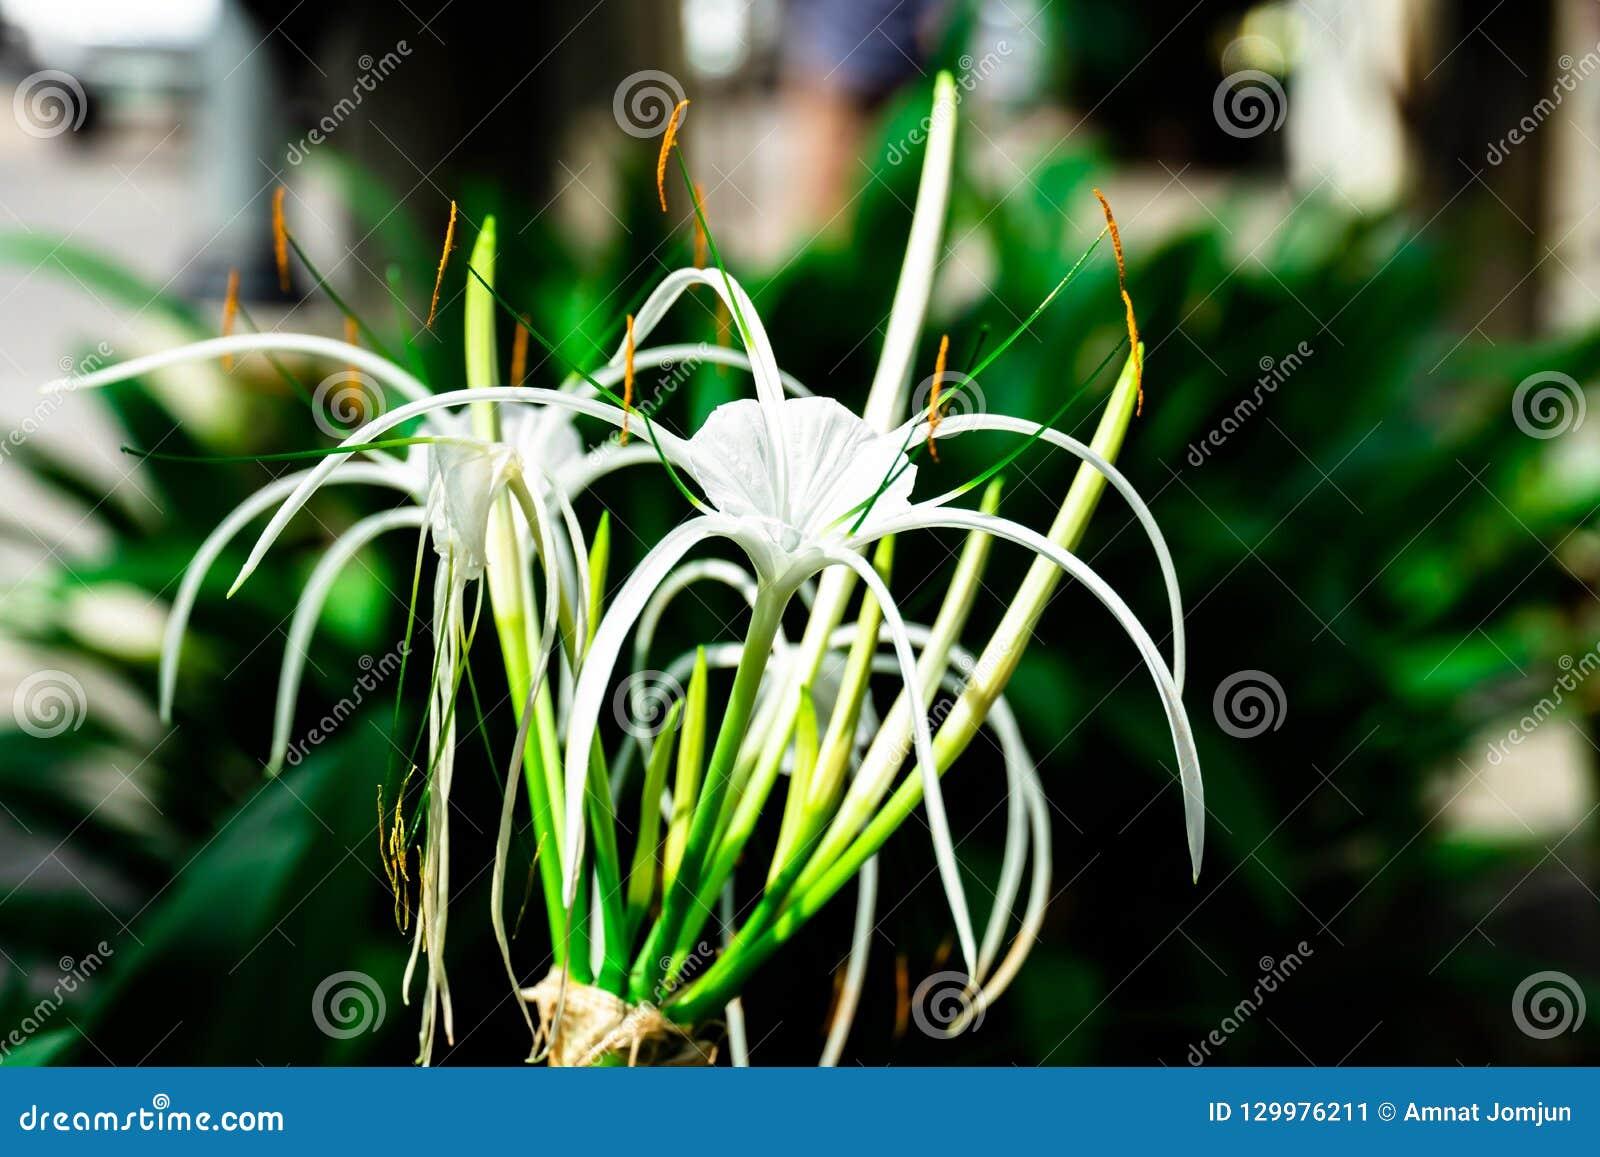 Crinum asiaticum花在庭院里